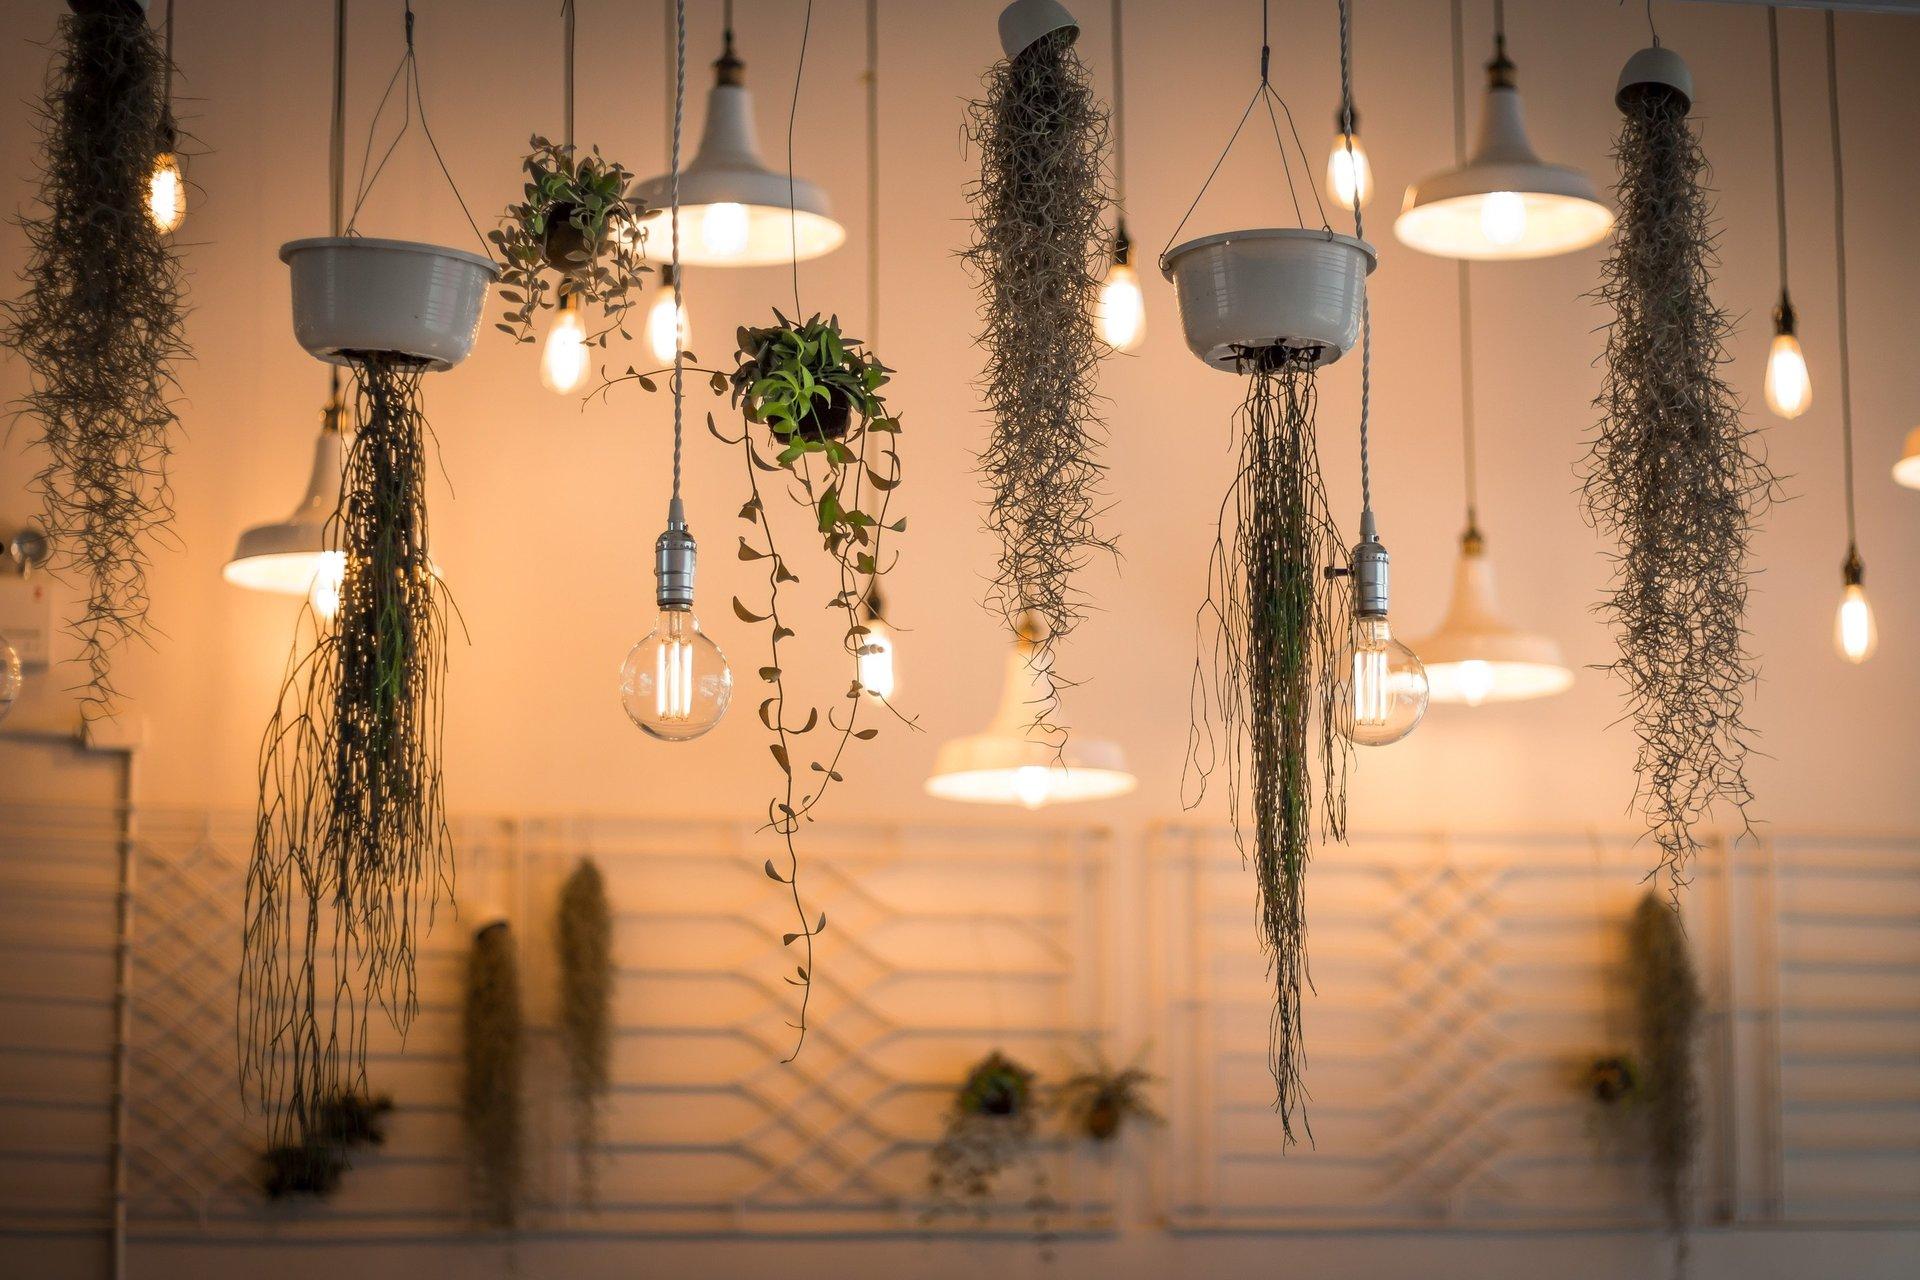 lampadari moderni e piante in sospensione